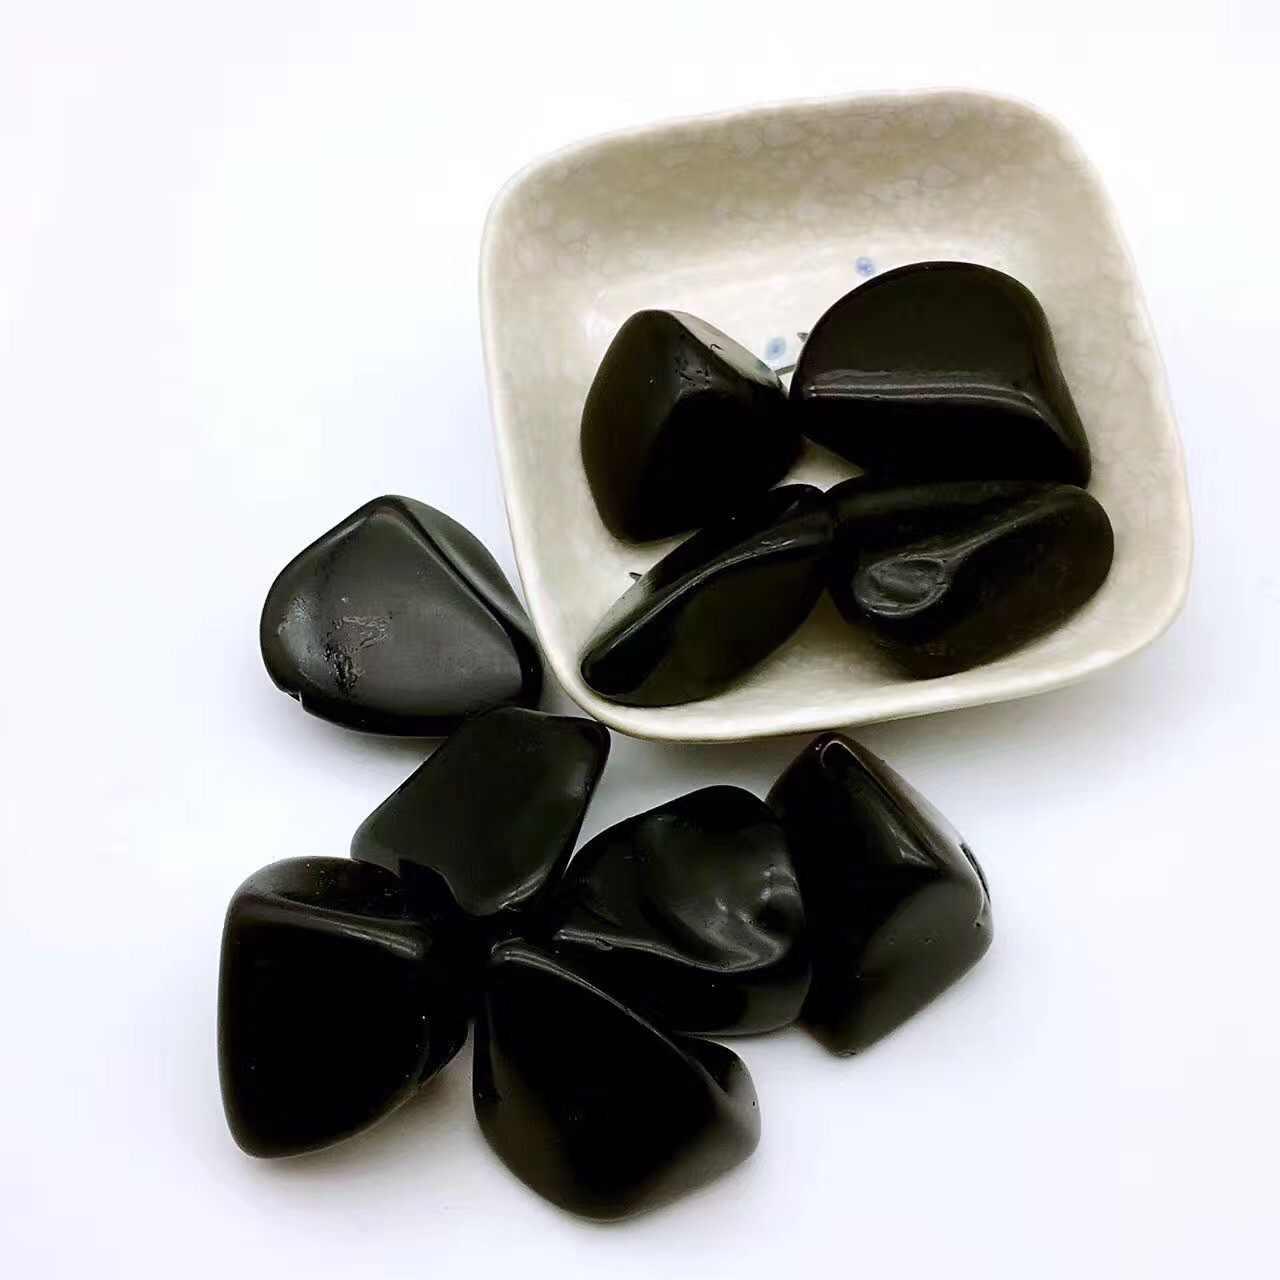 1 CÁI Tự Nhiên Obsidian Đen Pha Lê Đá Quý Sưu Tầm Đá Thô Khoáng Mẫu Vật Đá Chữa Bệnh Trang Trí cho Cá DX